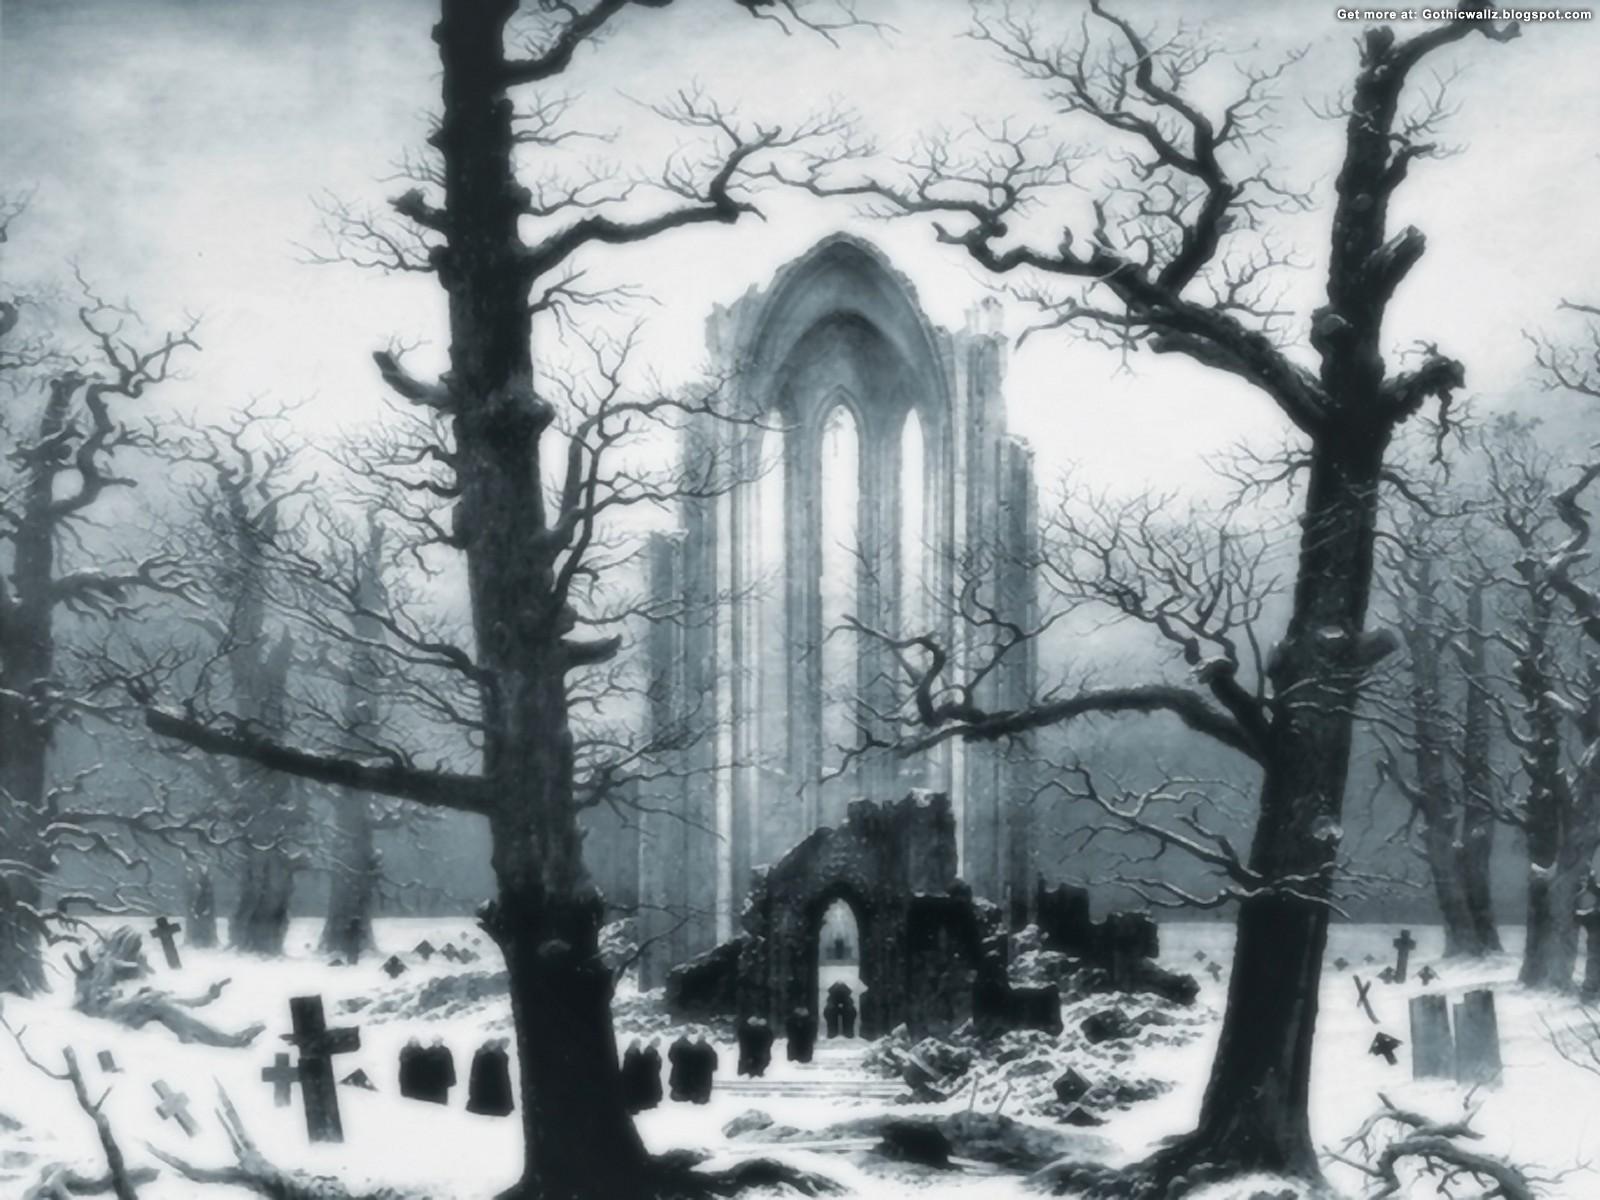 http://3.bp.blogspot.com/_-jo2ZCYhKaY/TLDyuuimq2I/AAAAAAAAIUk/Q7p-waAWM4k/s1600/Gothic-jugra+(gothicwallz.blogspot.com).jpg